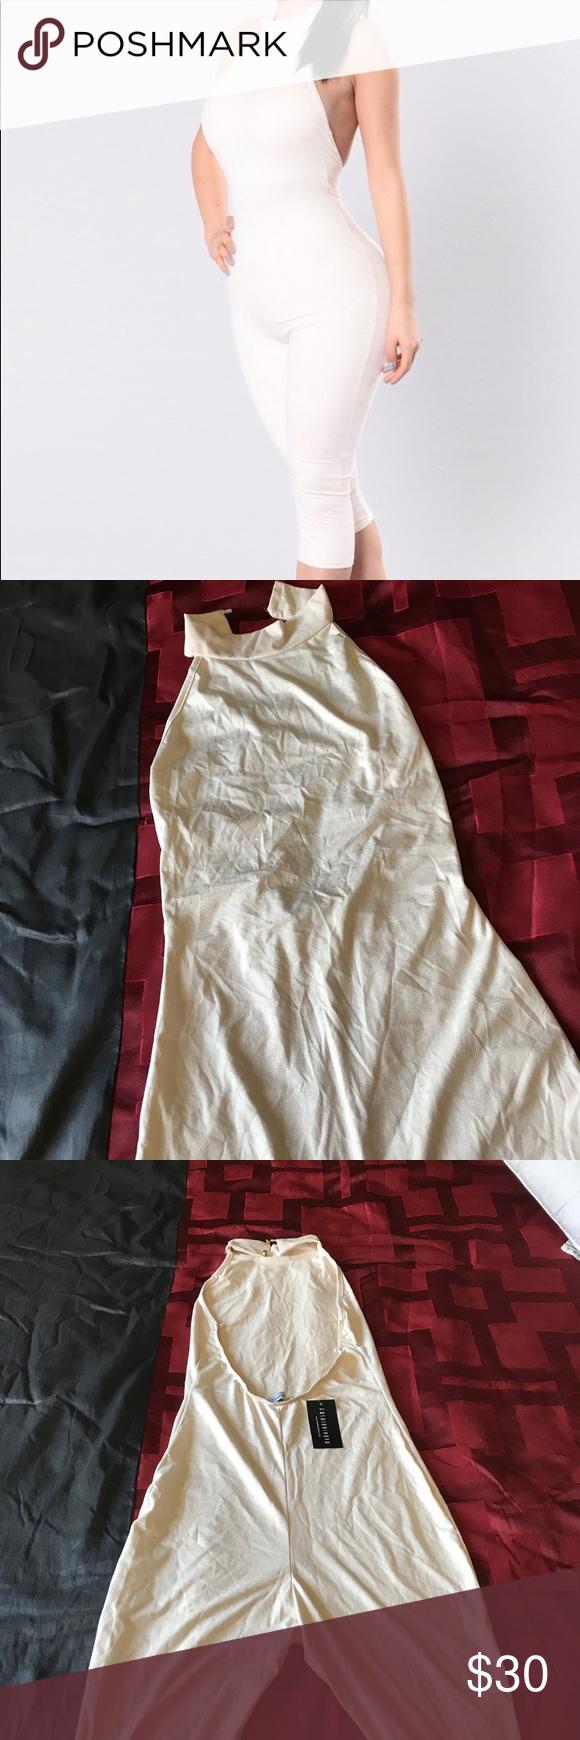 f3e4372c493e FashioNova Shattered glass Jumpsuit Nude